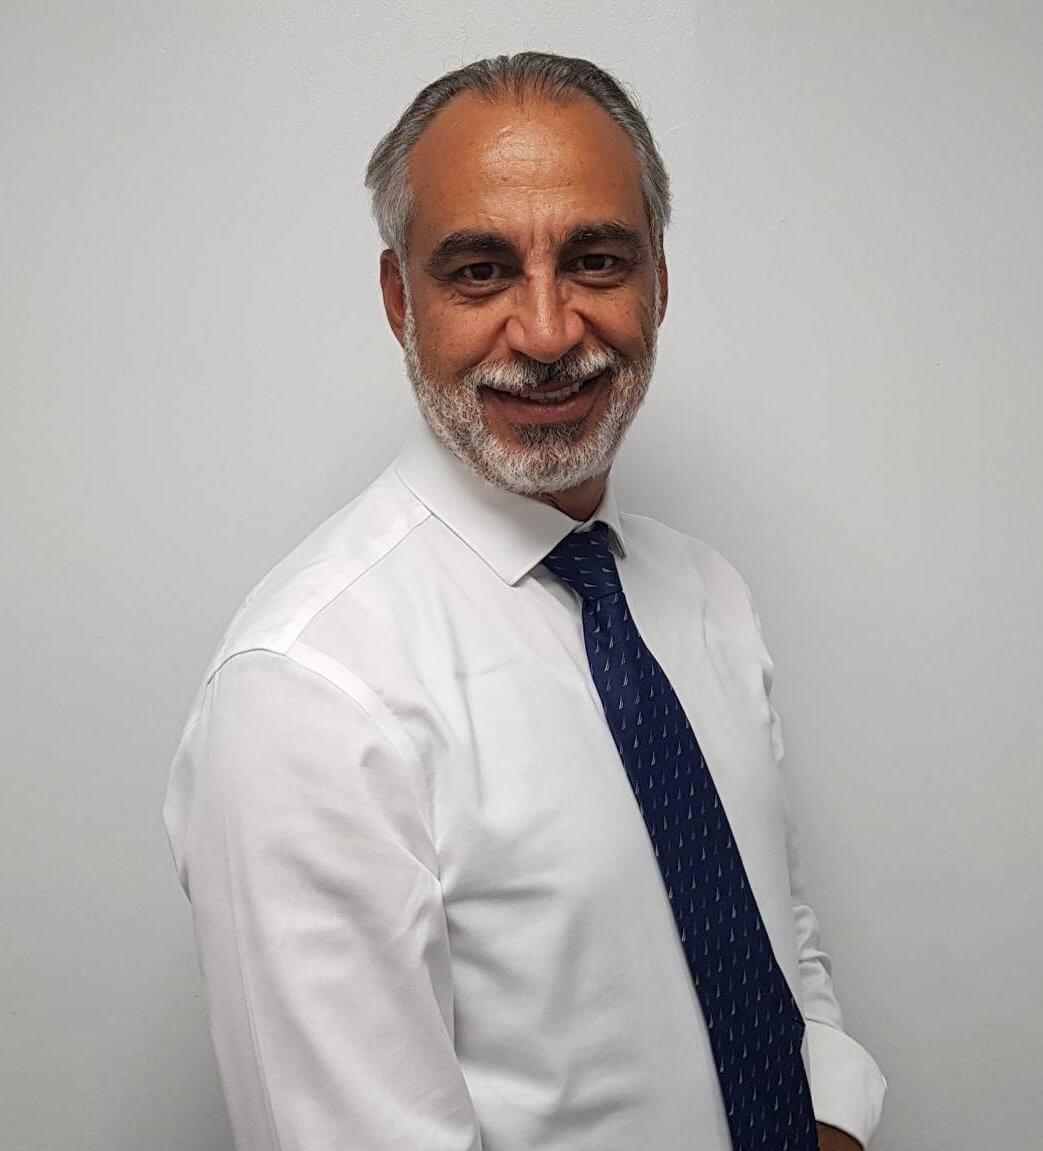 Dr Adnan Al-Kaisy